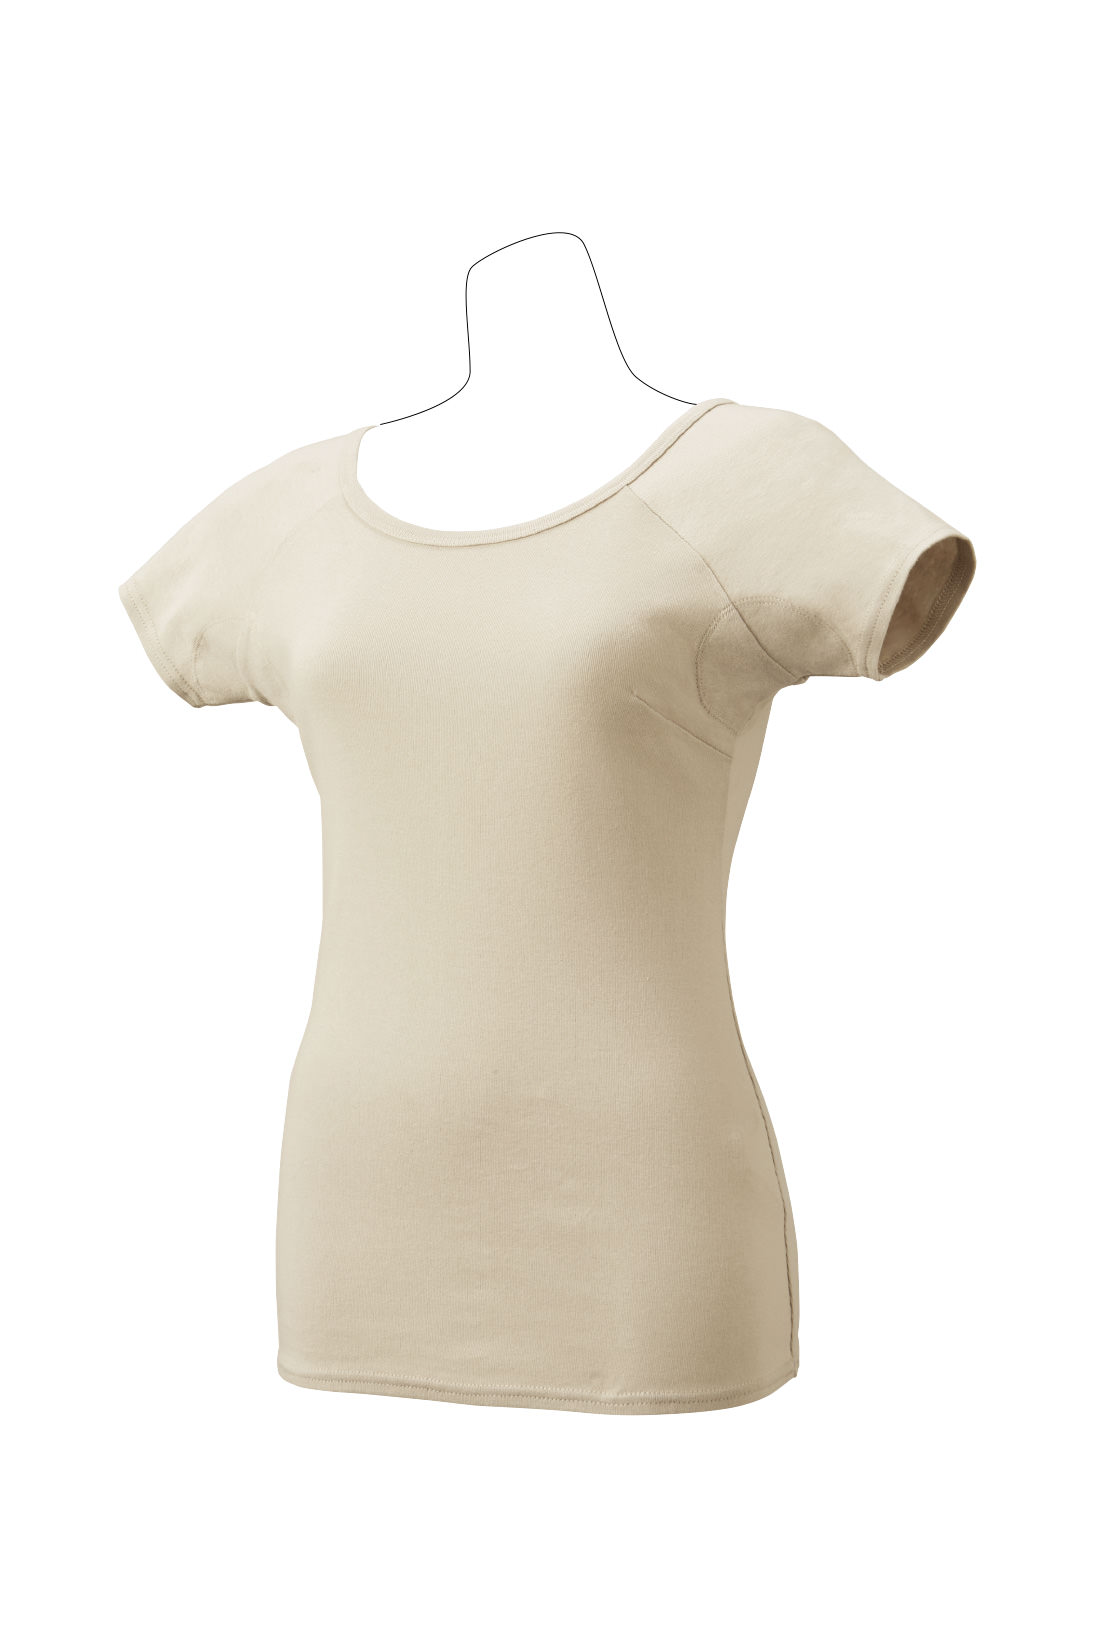 透けにくい王道の〈ベージュ〉 快適な綿100%でオールシーズン使えます。